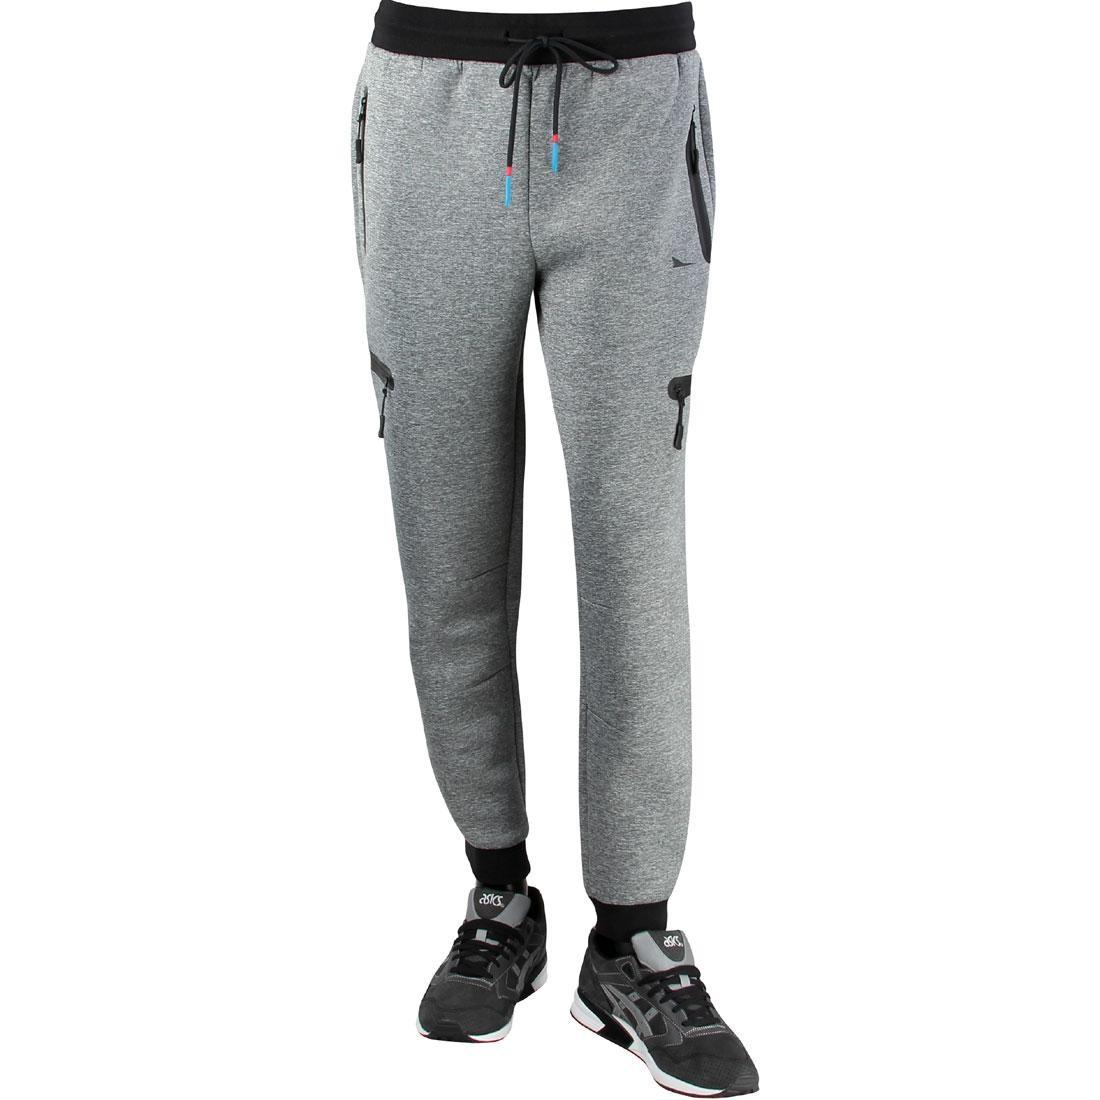 灰色 グレー グレイ 【 GRAY BRANDBLACK MEN VECTOR PANTS 】 メンズファッション ズボン パンツ